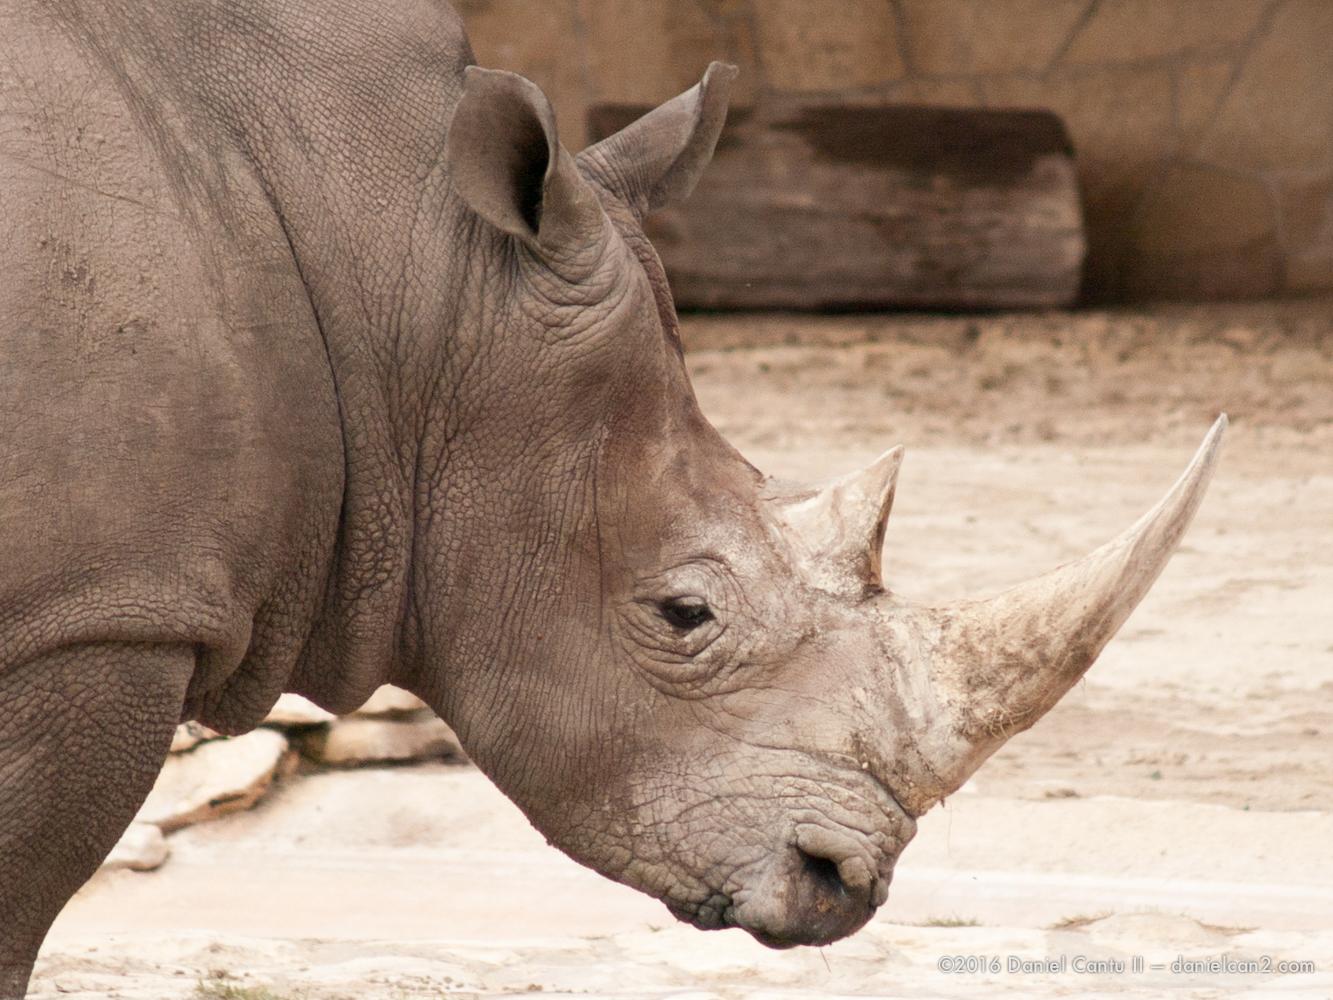 Daniel-Cantu-II-Zoo-March-2015-12.jpg